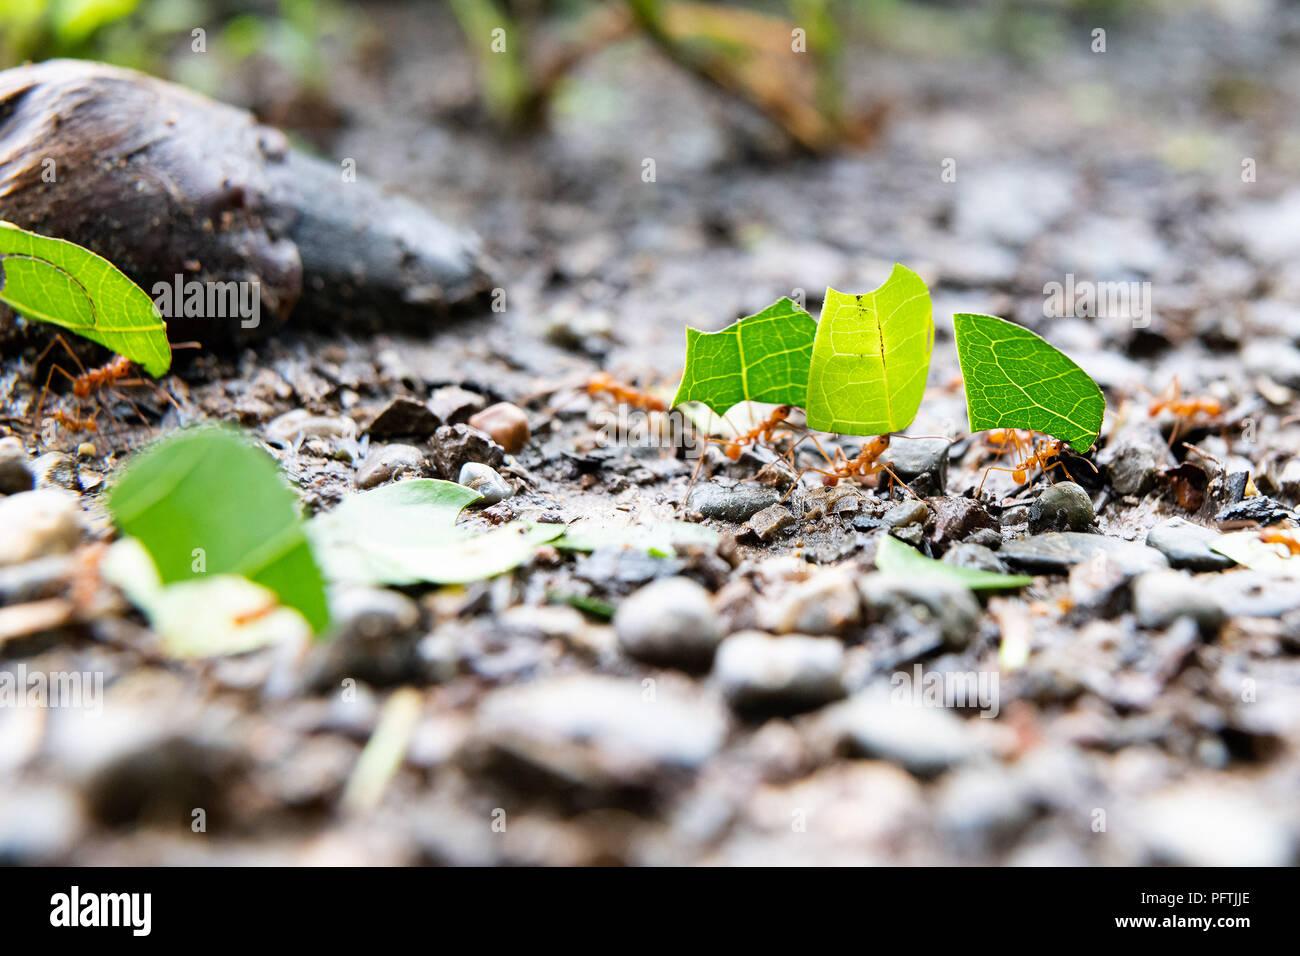 Las hormigas llevando hojas Imagen De Stock